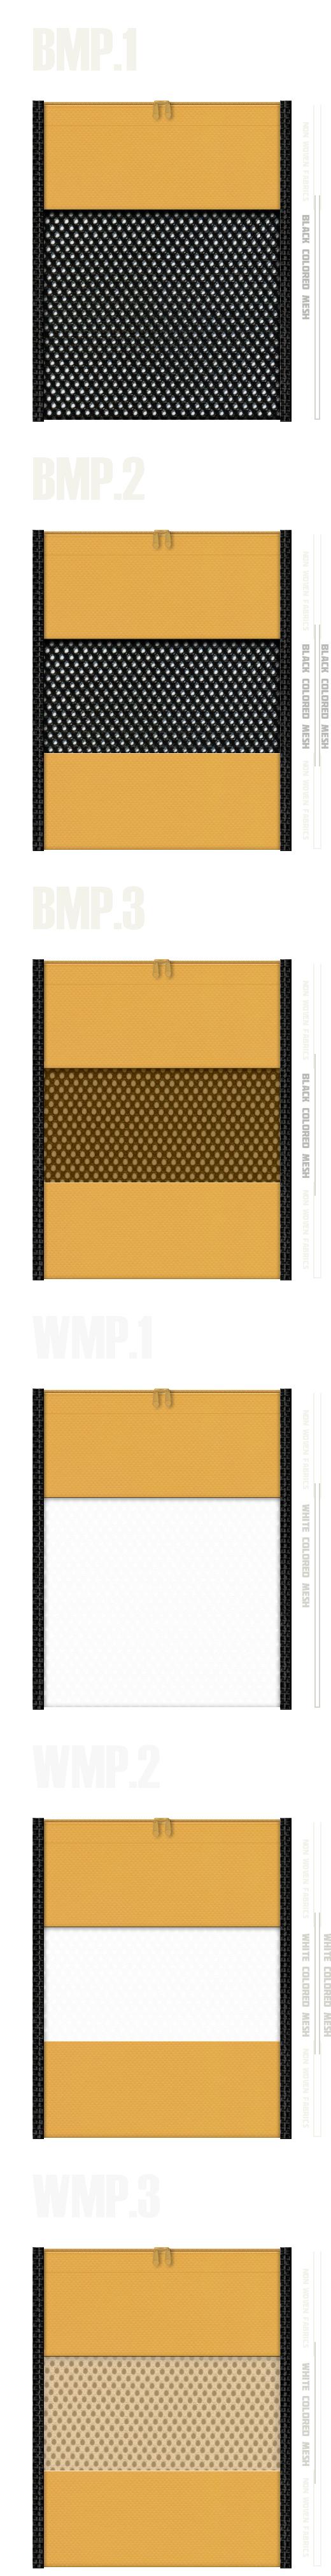 メッシュポーチのカラーシミュレーション:黒色・白色メッシュと黄土色不織布の組み合わせ